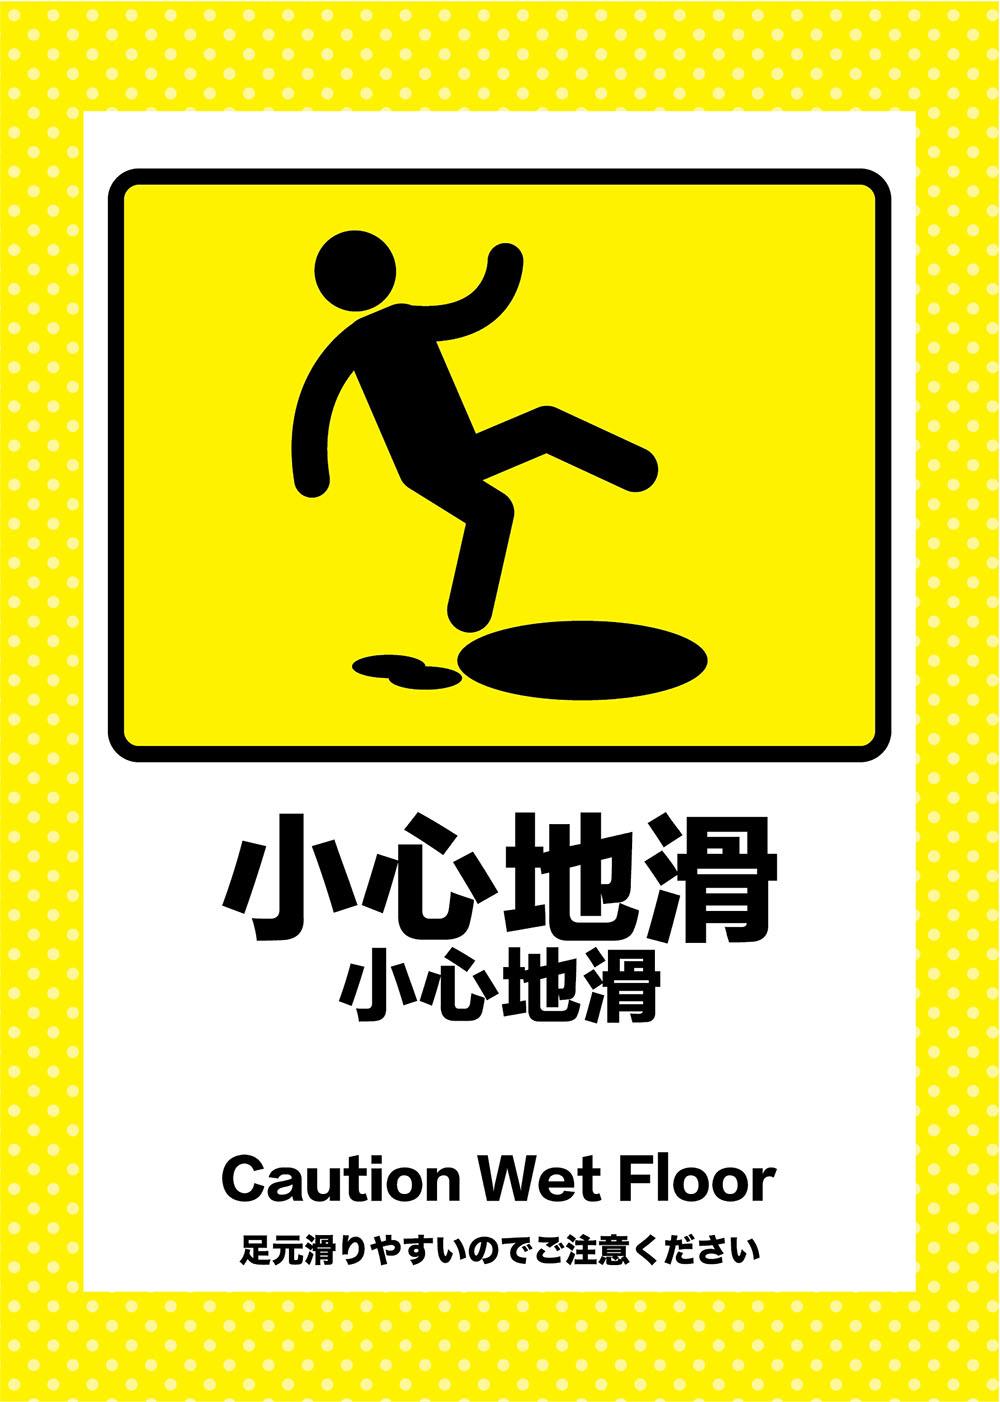 足元ご注意ください